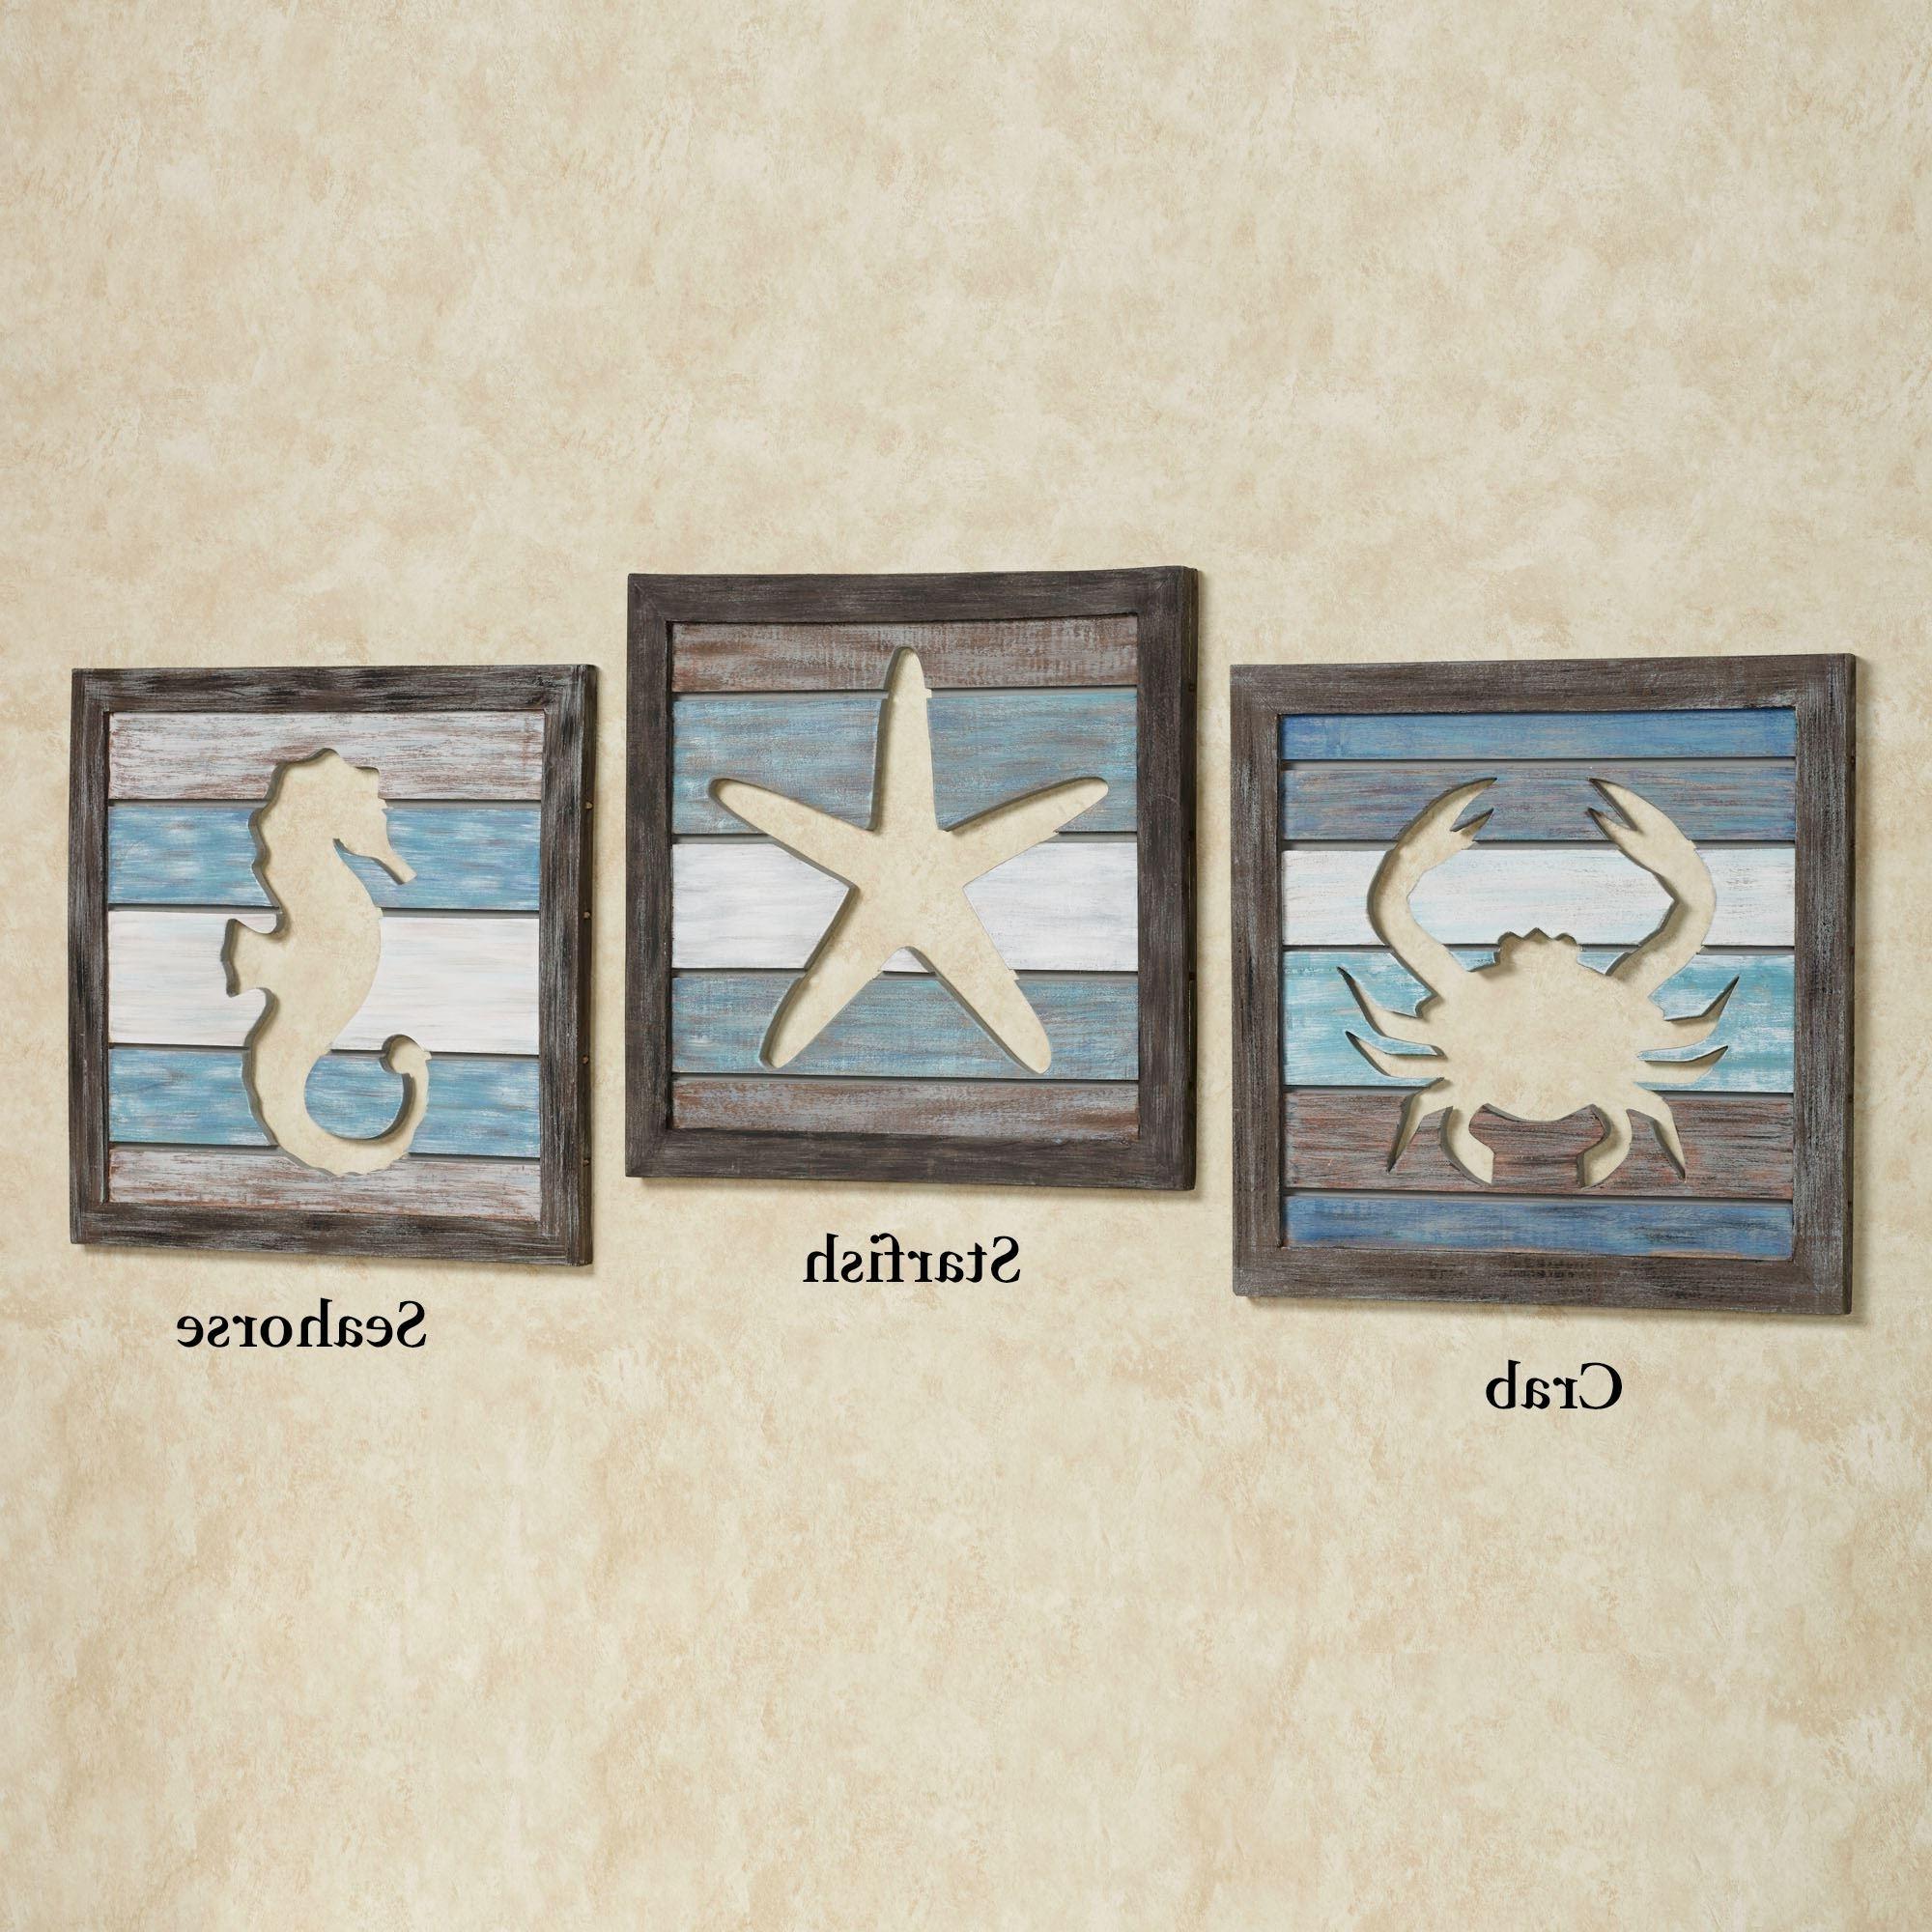 Fashionable Sea Life Wall Art In Coastal Wood Wall Decor Sealife Cutout Slat Indoor Outdoor Coastal (View 3 of 15)